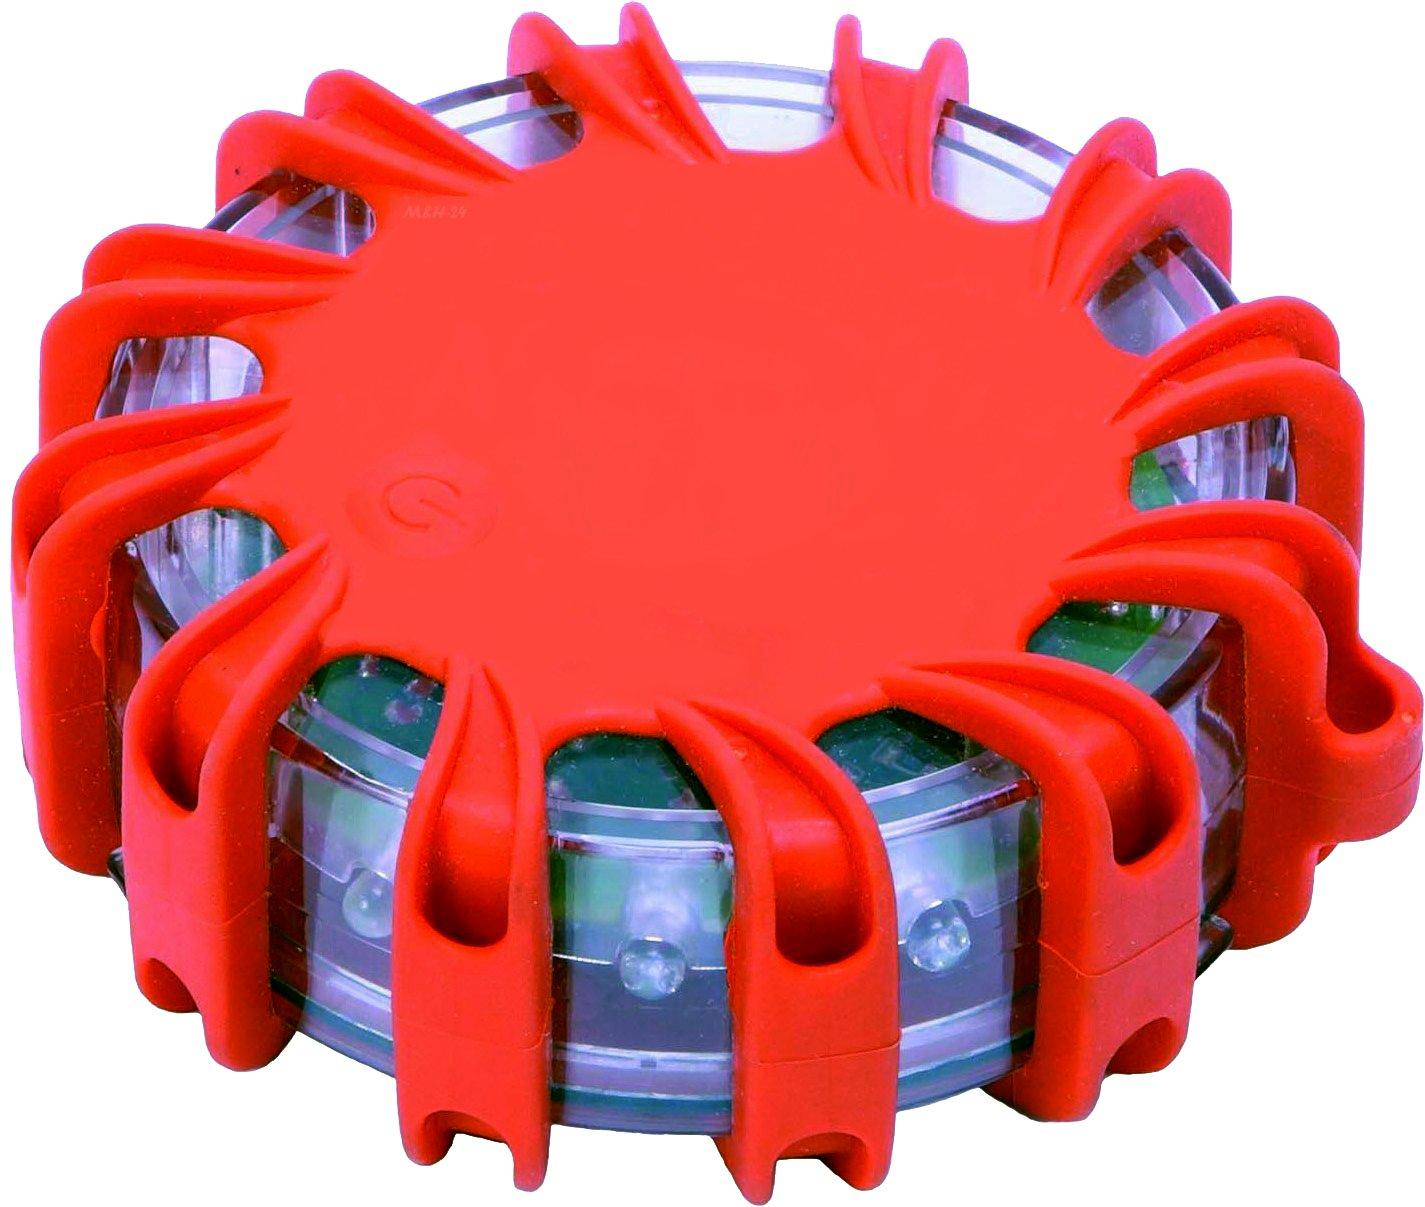 Warnblinkleuchte LED Warnleuchte Auto - ideal als Ergä nzung zum Warndreieck & Warnweste mit Magnet und 16 LED fü rs Auto Notfall Pannenhilfe (1 Stü ck) M&H-24